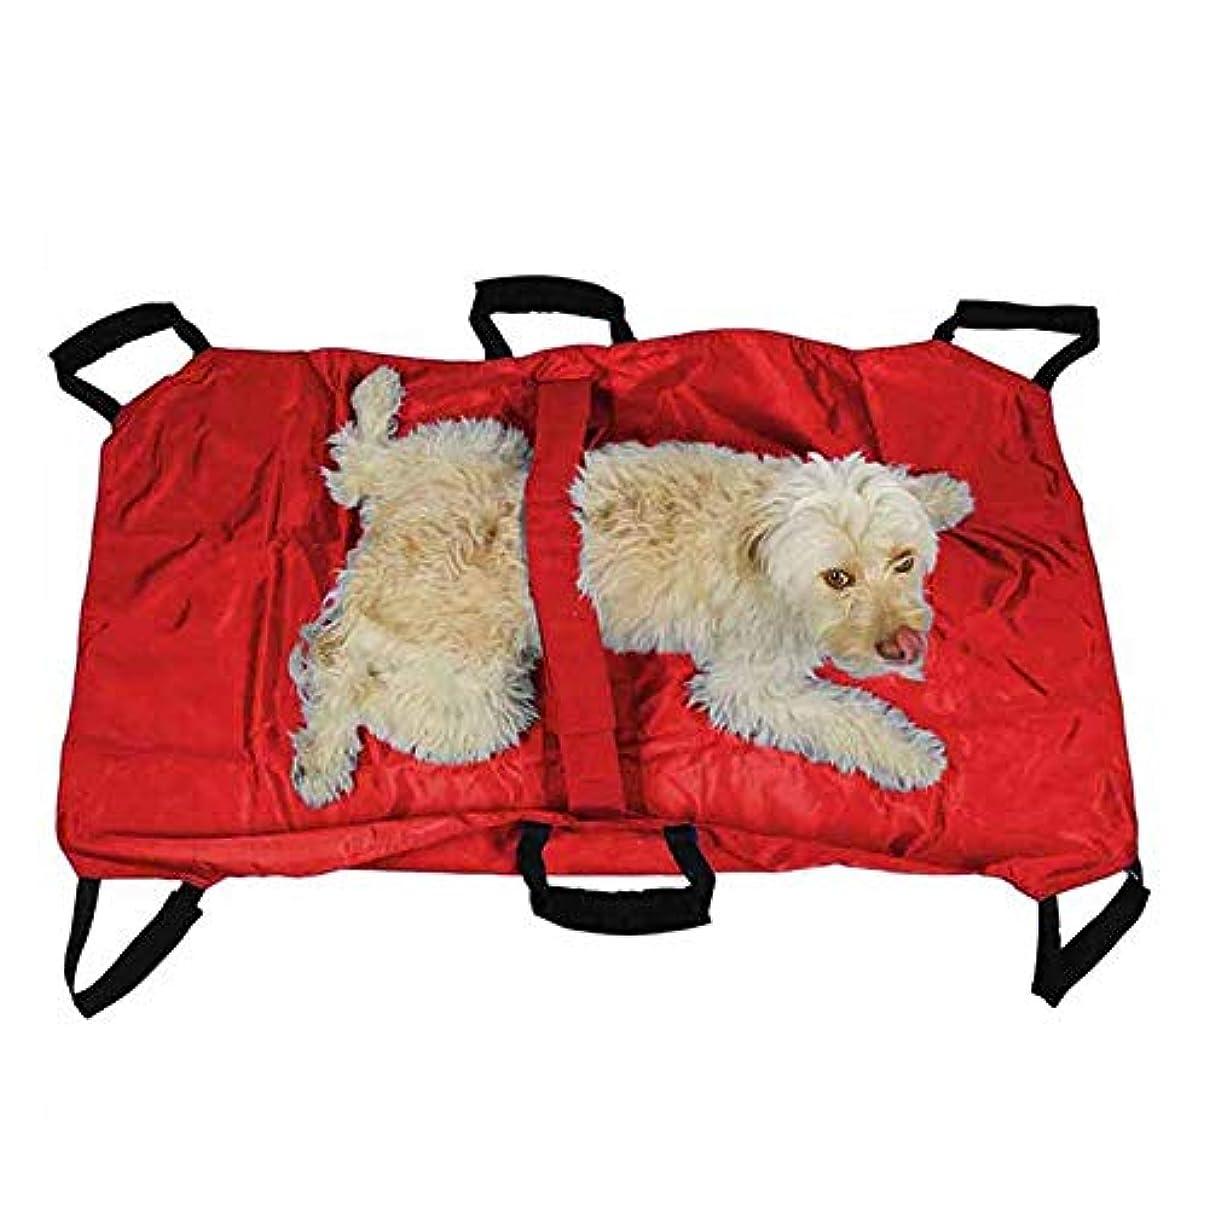 予感モネ戦闘動物の伸張器、犬および他の動物のためのペット輸送の伸張器の獣医輸送のペットトロリー